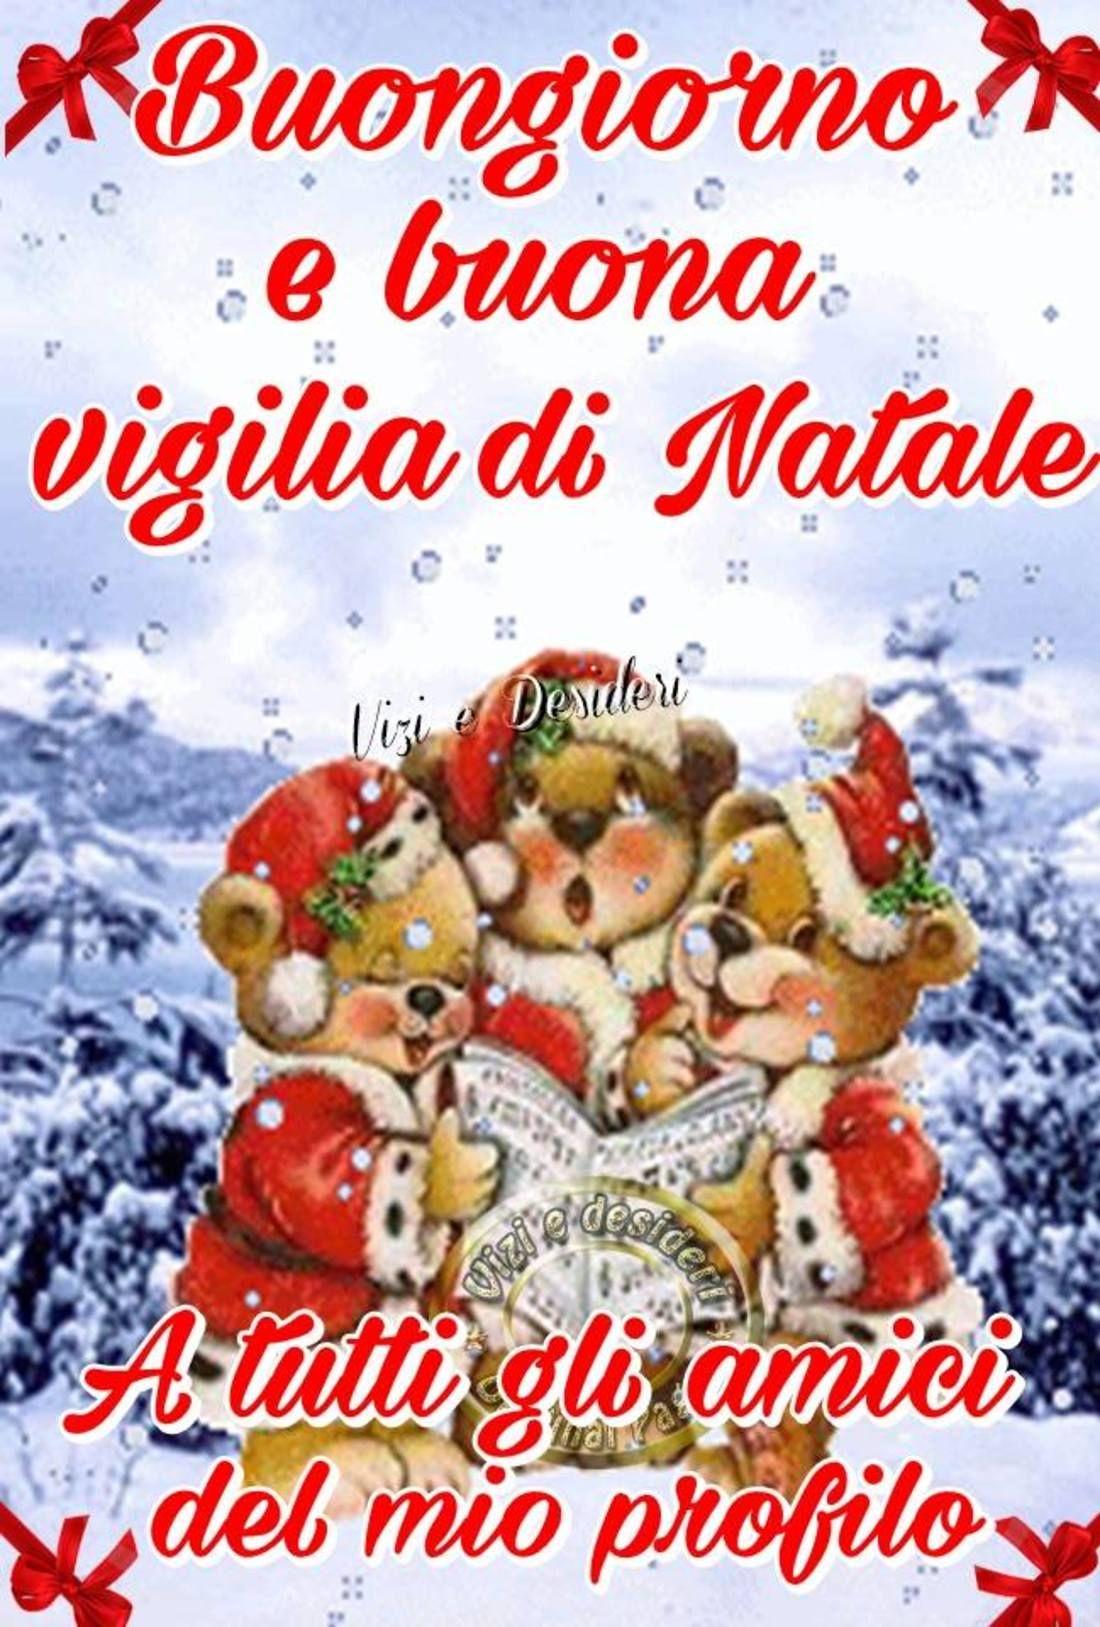 Buona Vigilia Di Natale Immagini Nuove Buona Vigilia Di Natale 24